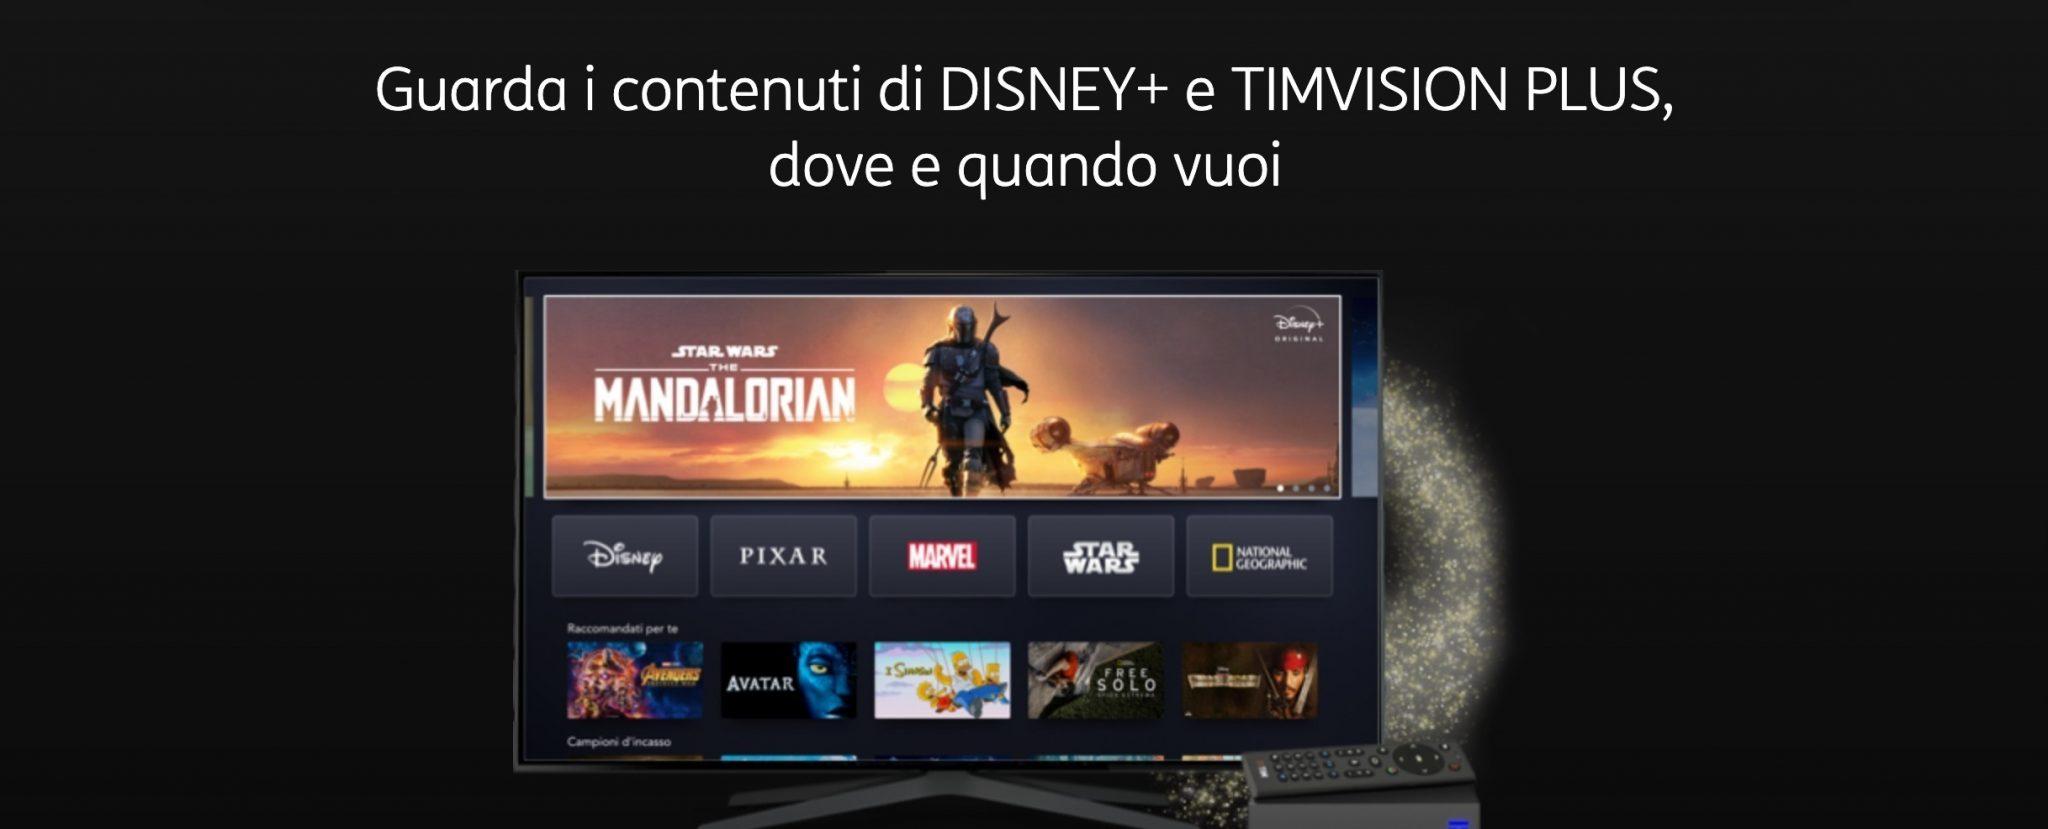 Disney+ Plus a soli 3 euro con Tim Vision Plus thumbnail